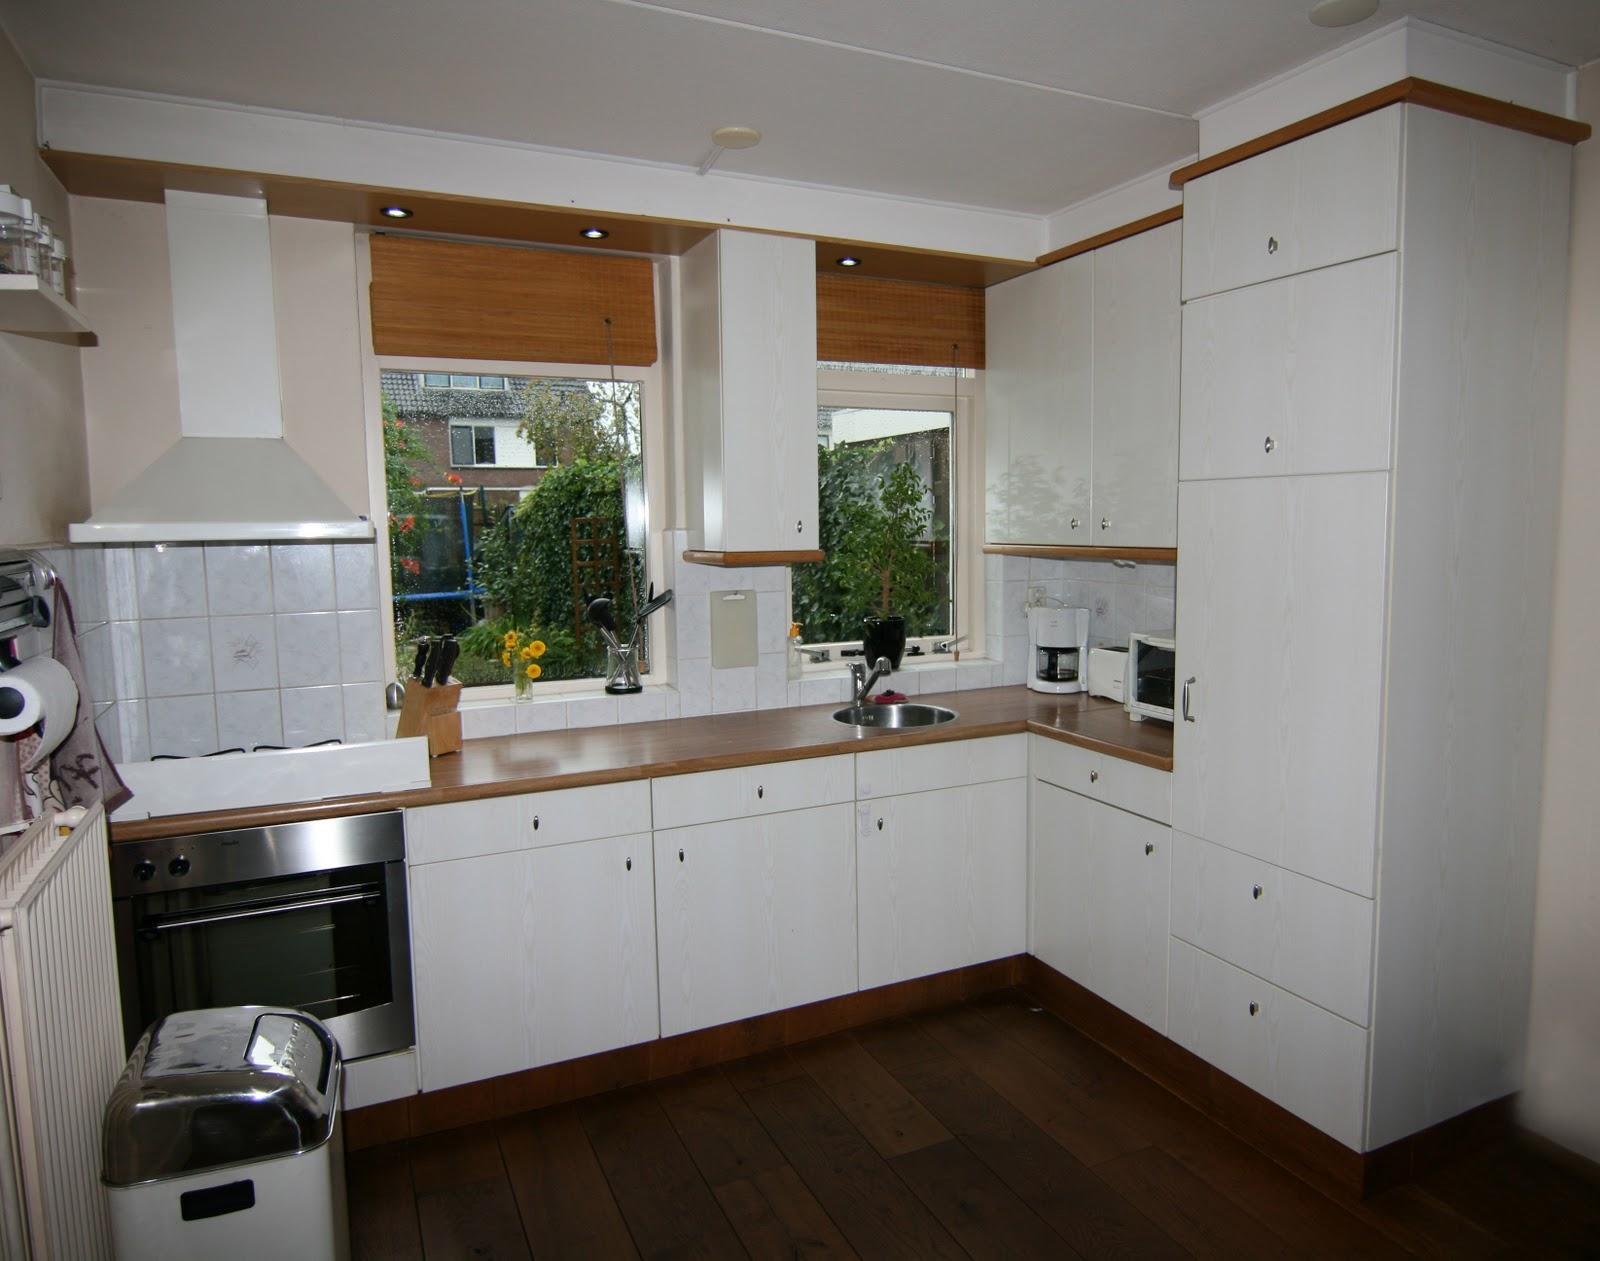 Bergentheim de savornin lohmanstraat 16 vraagprijs verlaagd van naar k k - Open keuken naar woonkamer kleine ruimte ...